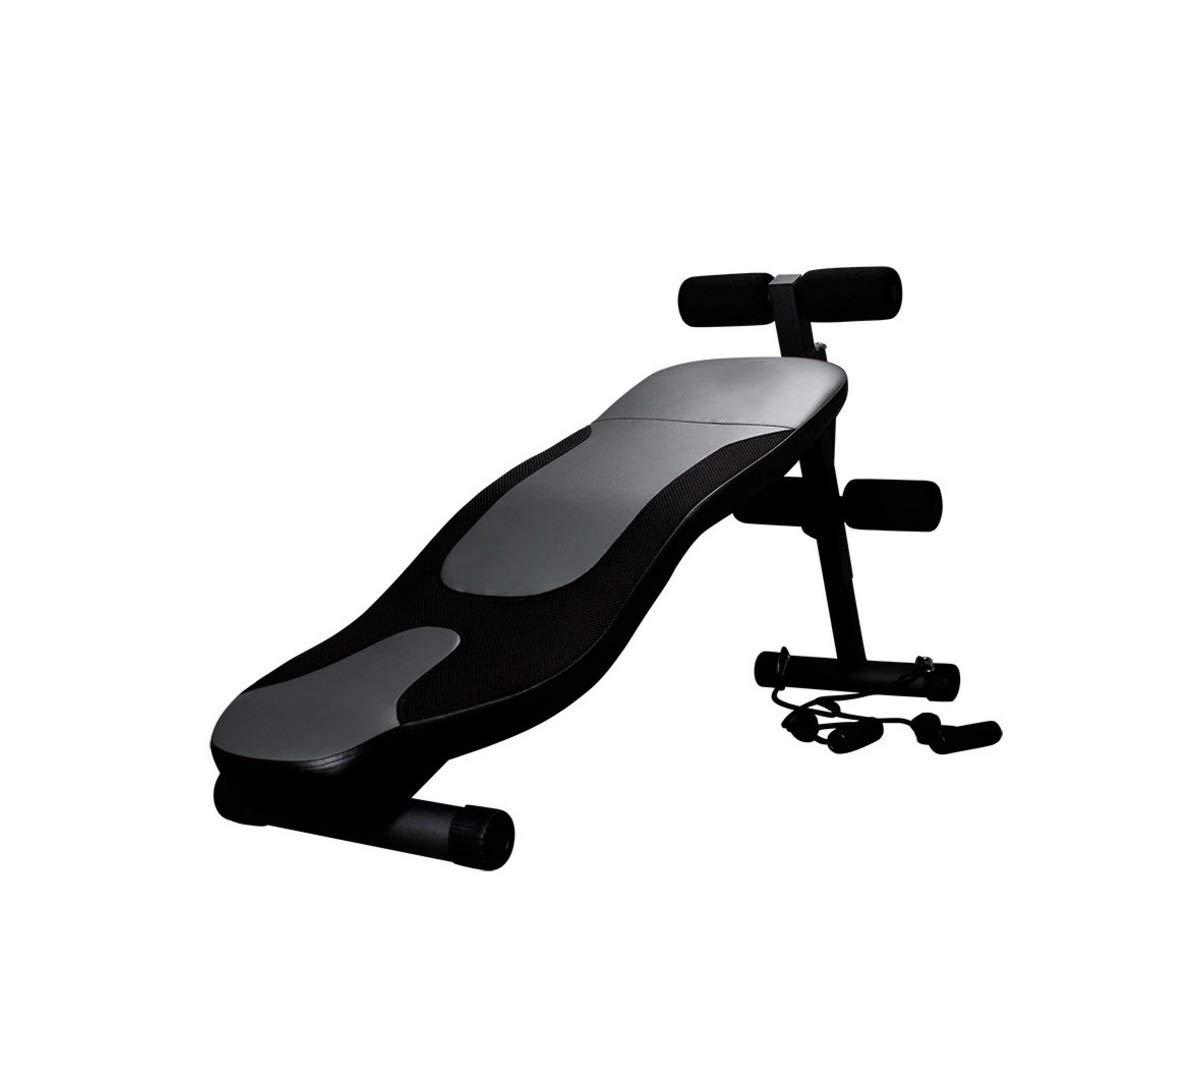 ShiMin S型仰向けボードフィットネス機器ホーム多機能腹部腹筋ボード腹部ボード ShiMin   B07QR5LSTW